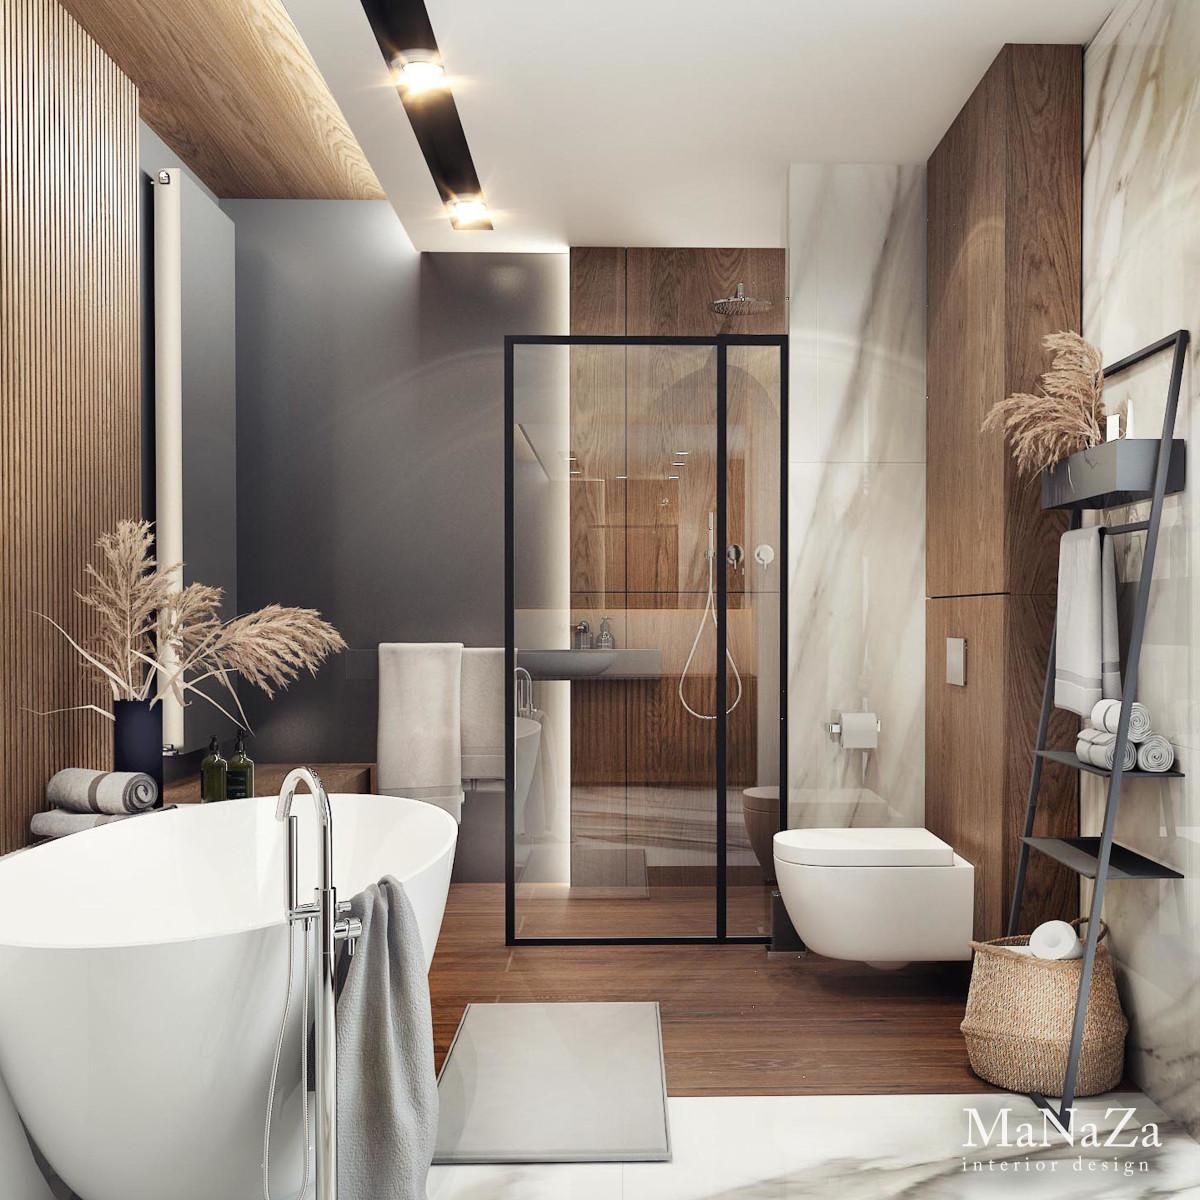 Projekt łazienki z wanną i prysznicem | proj. Manaza